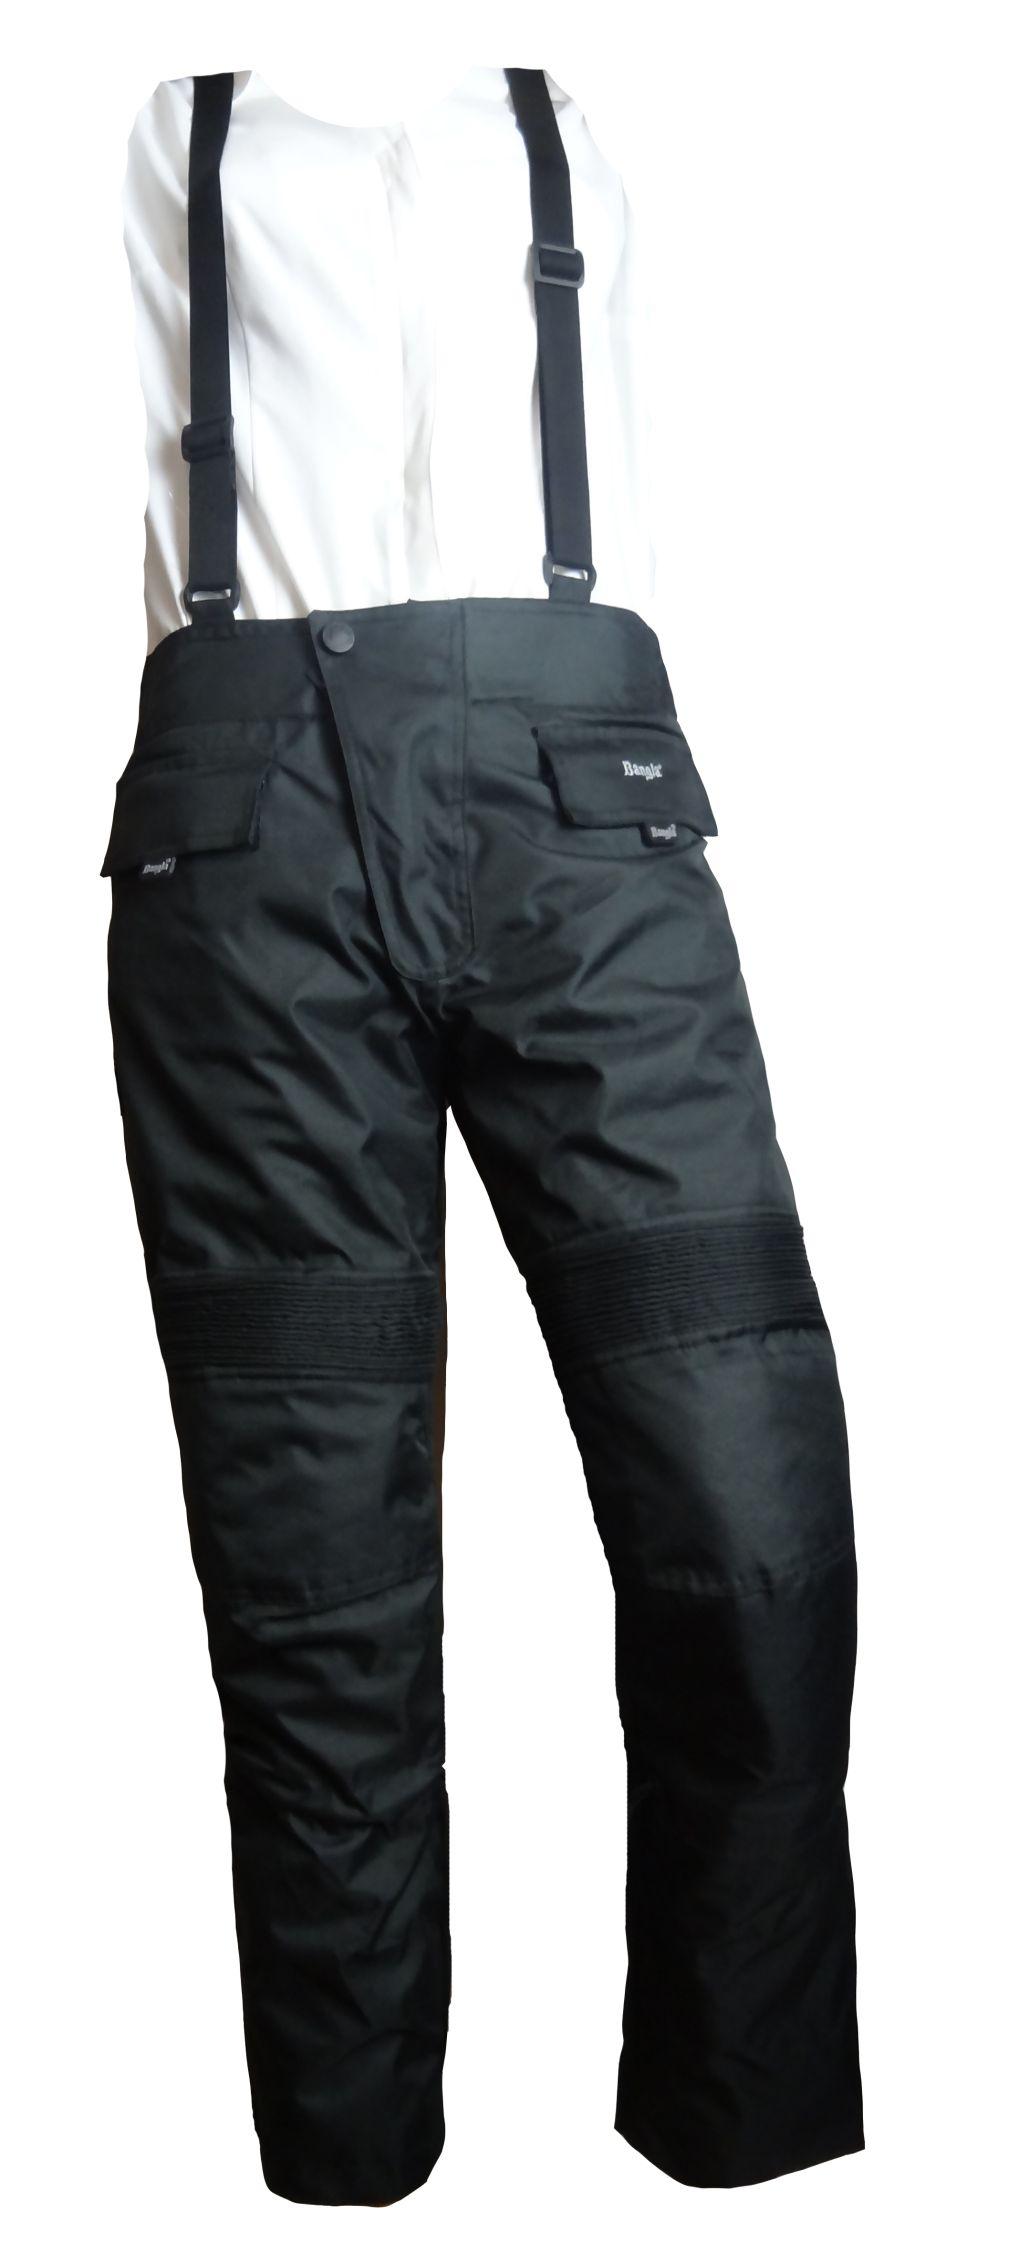 Bangla Kinder Motorrad Hose Motoradhose Textil Schwarz 128 140 152 164 176